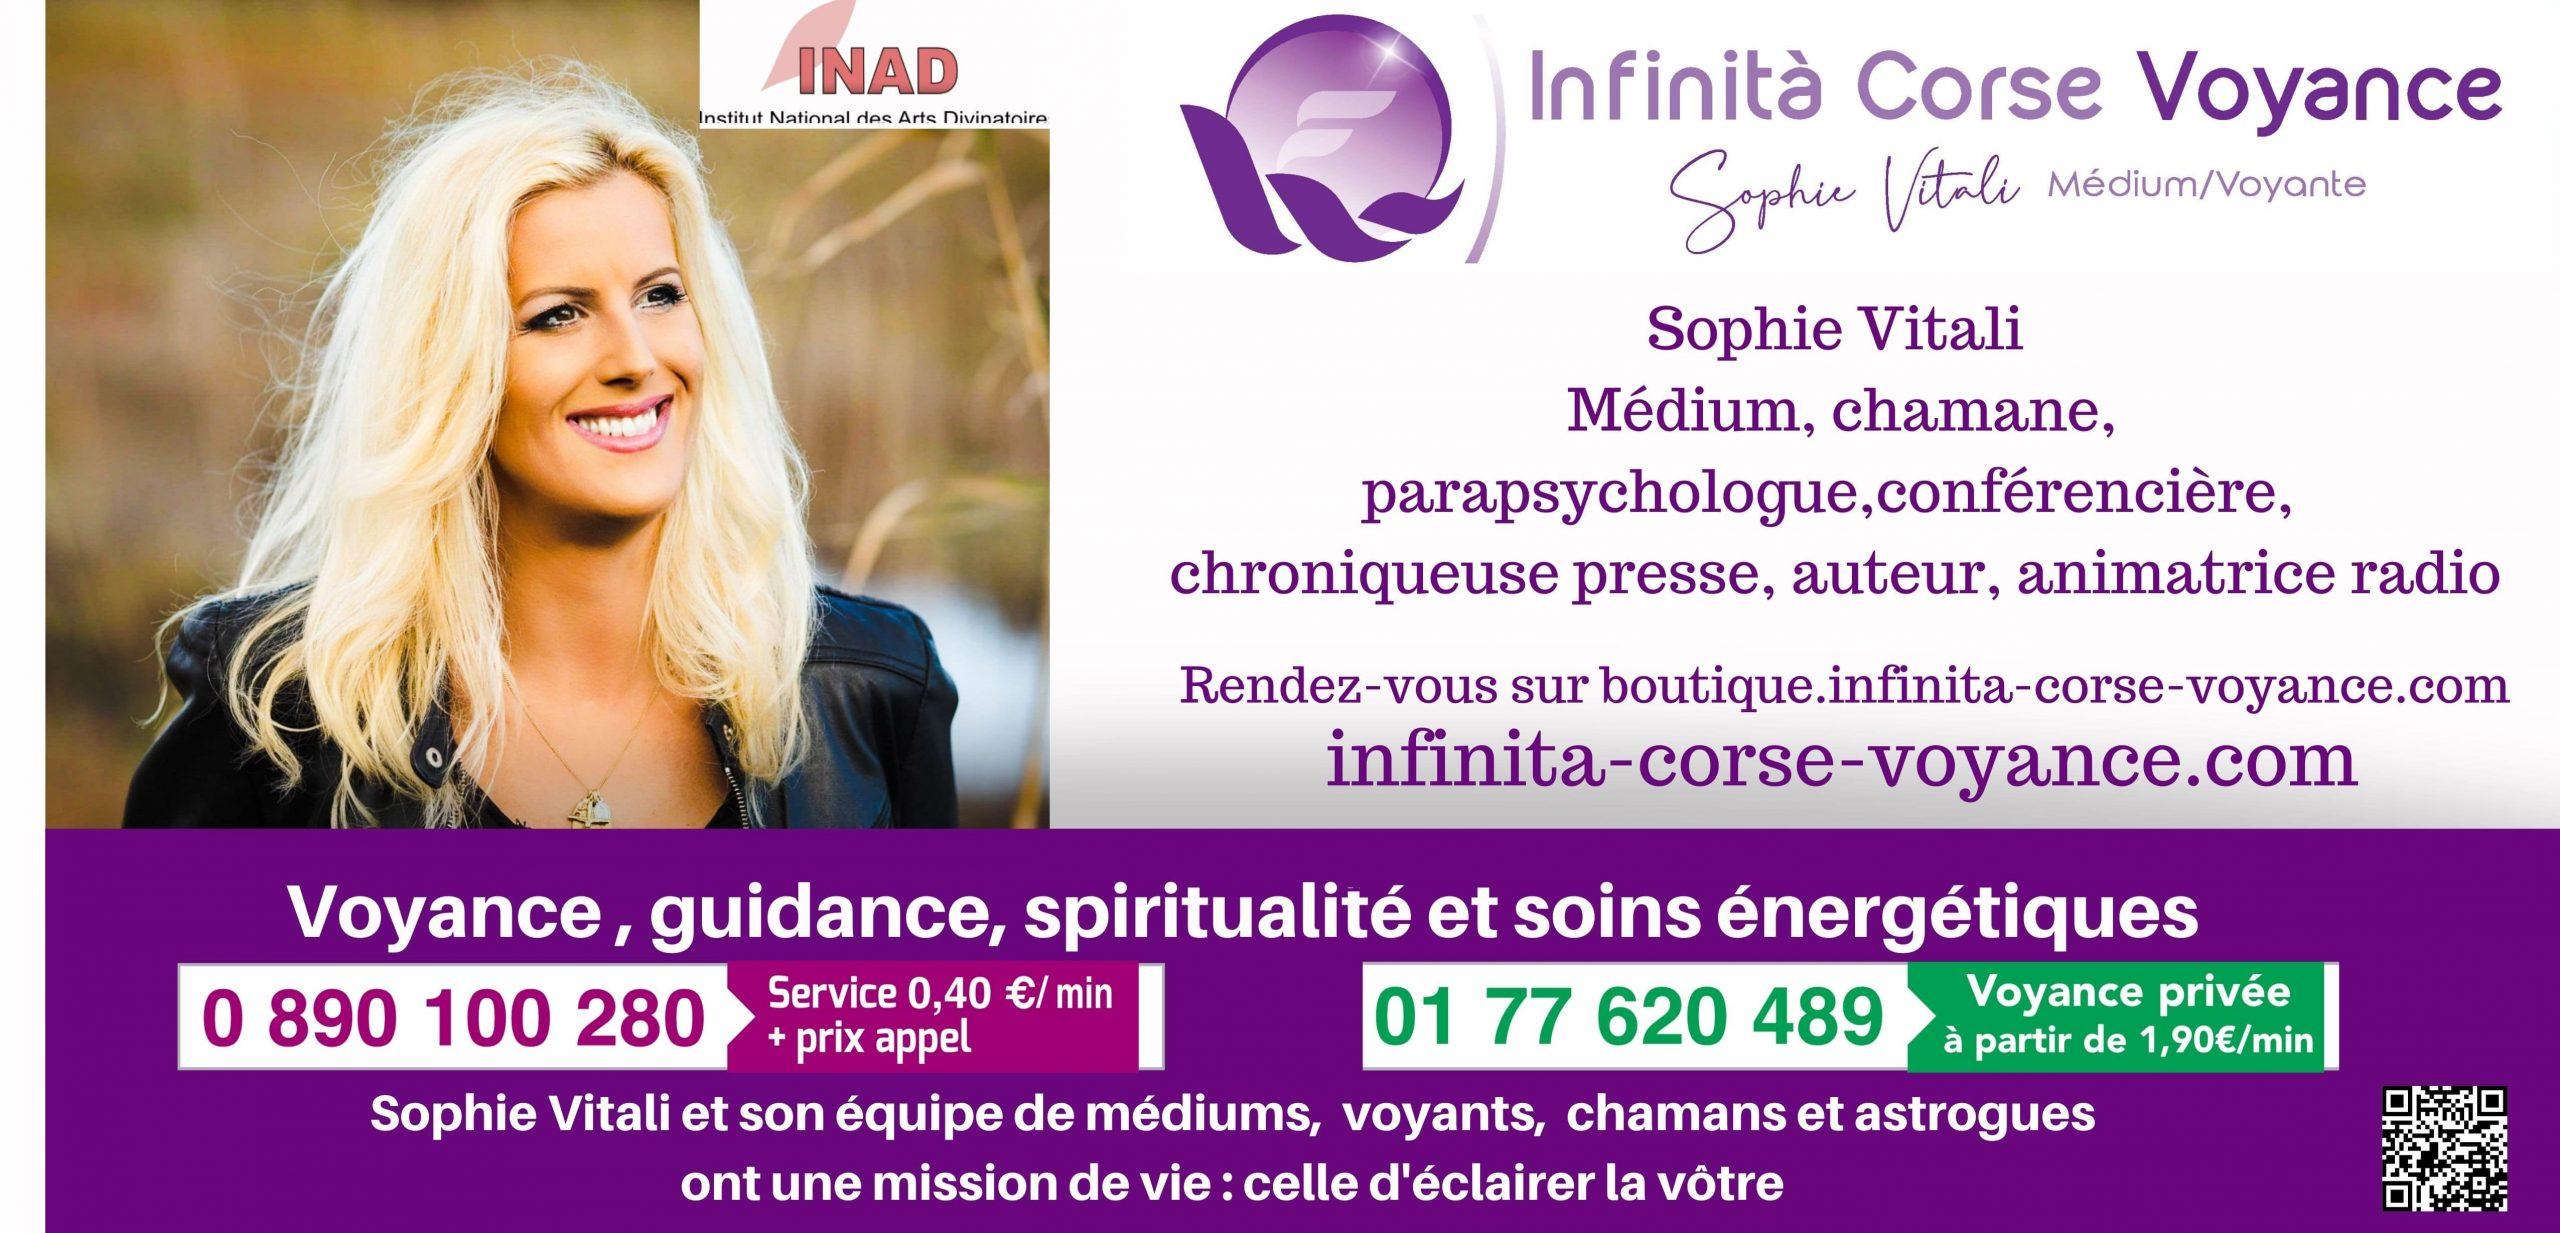 Sophie Vitali médium voyante sur rendez-vous / Infinità Corse Voyance